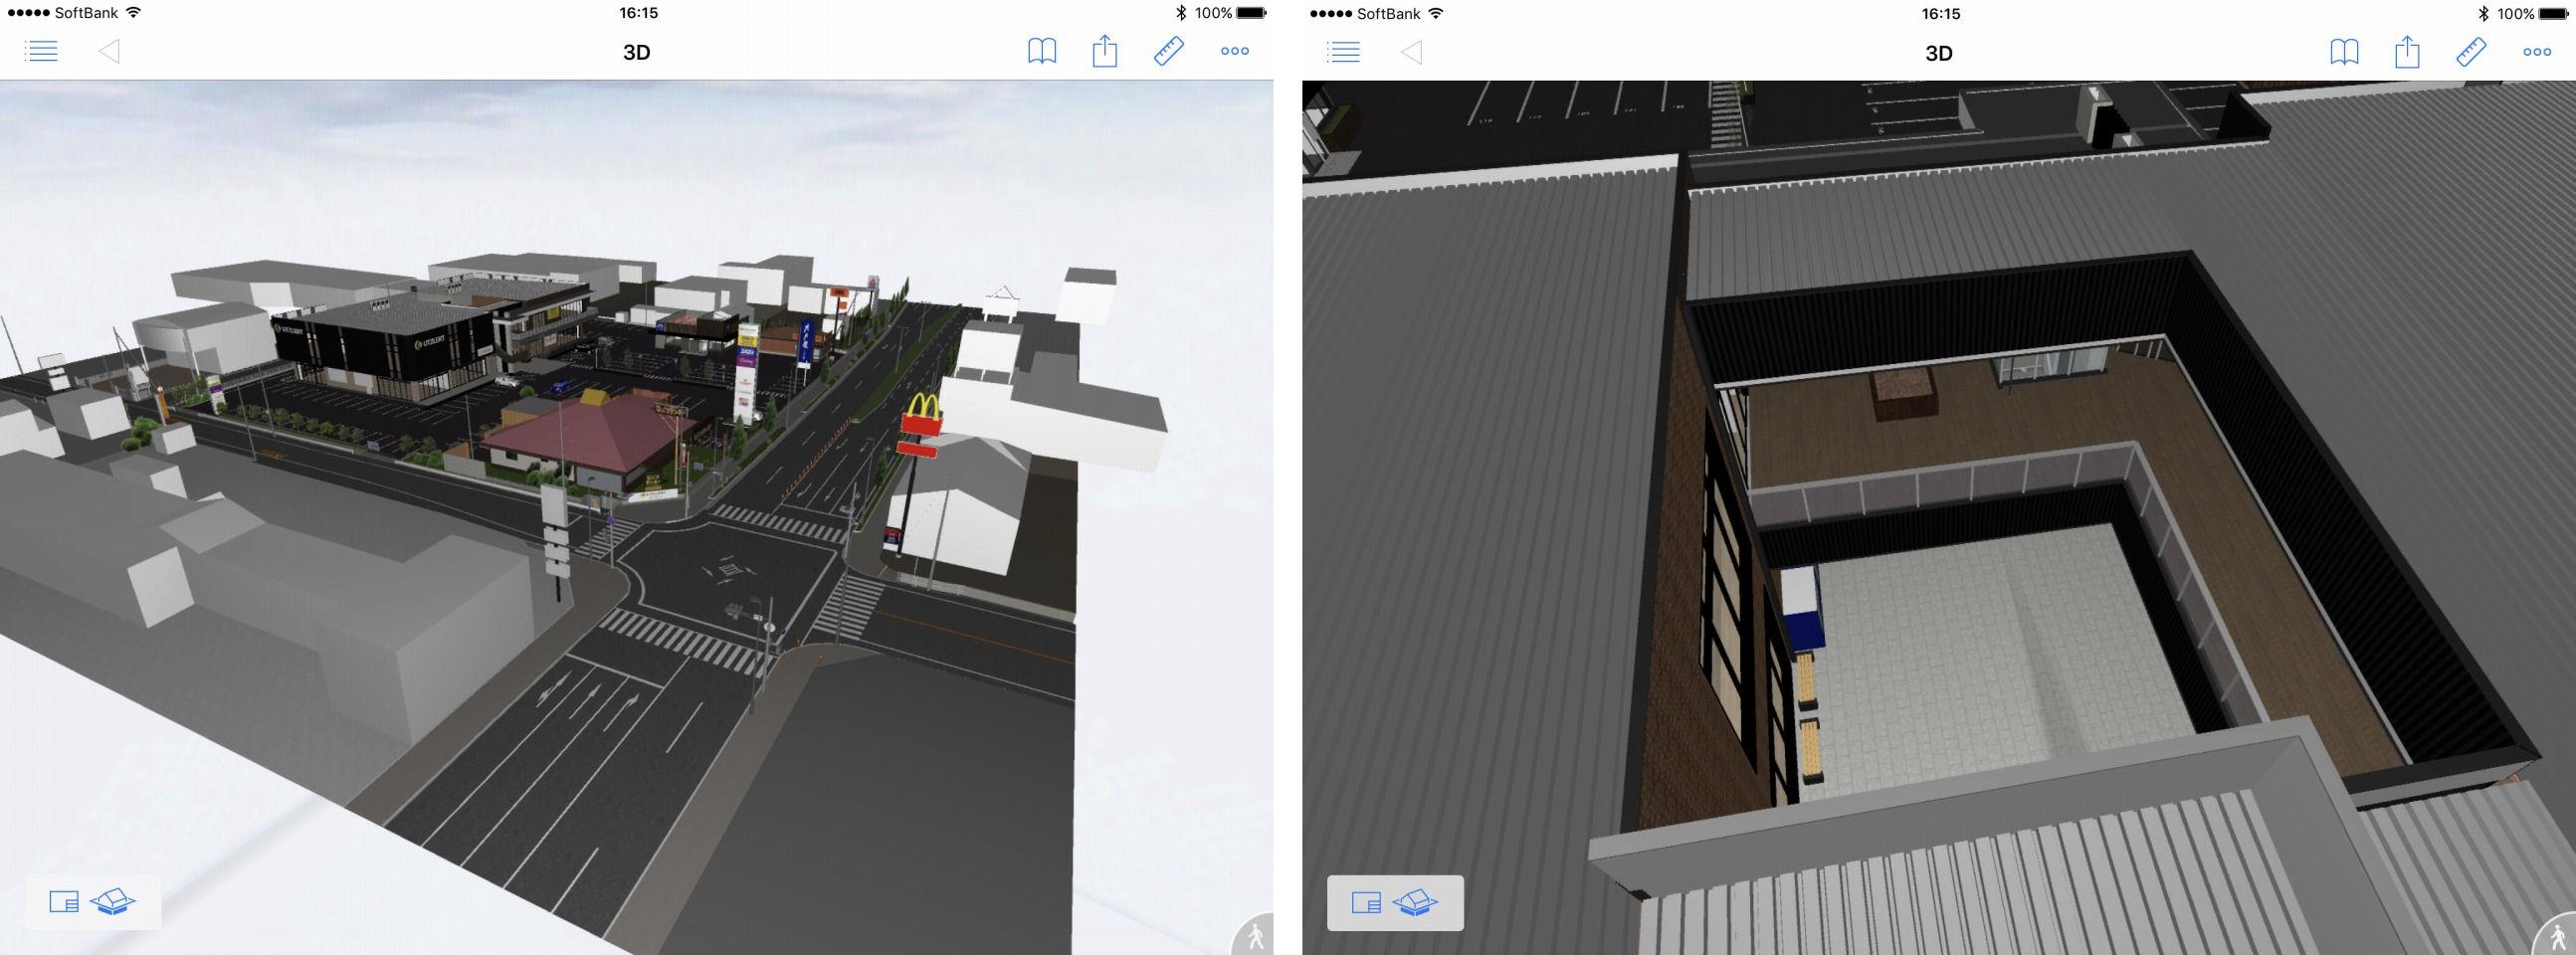 ビューワーツール「BIMx」によるデザインの確認(左)。吹き向け部分の納まり部分をBIMxで見た例(右)